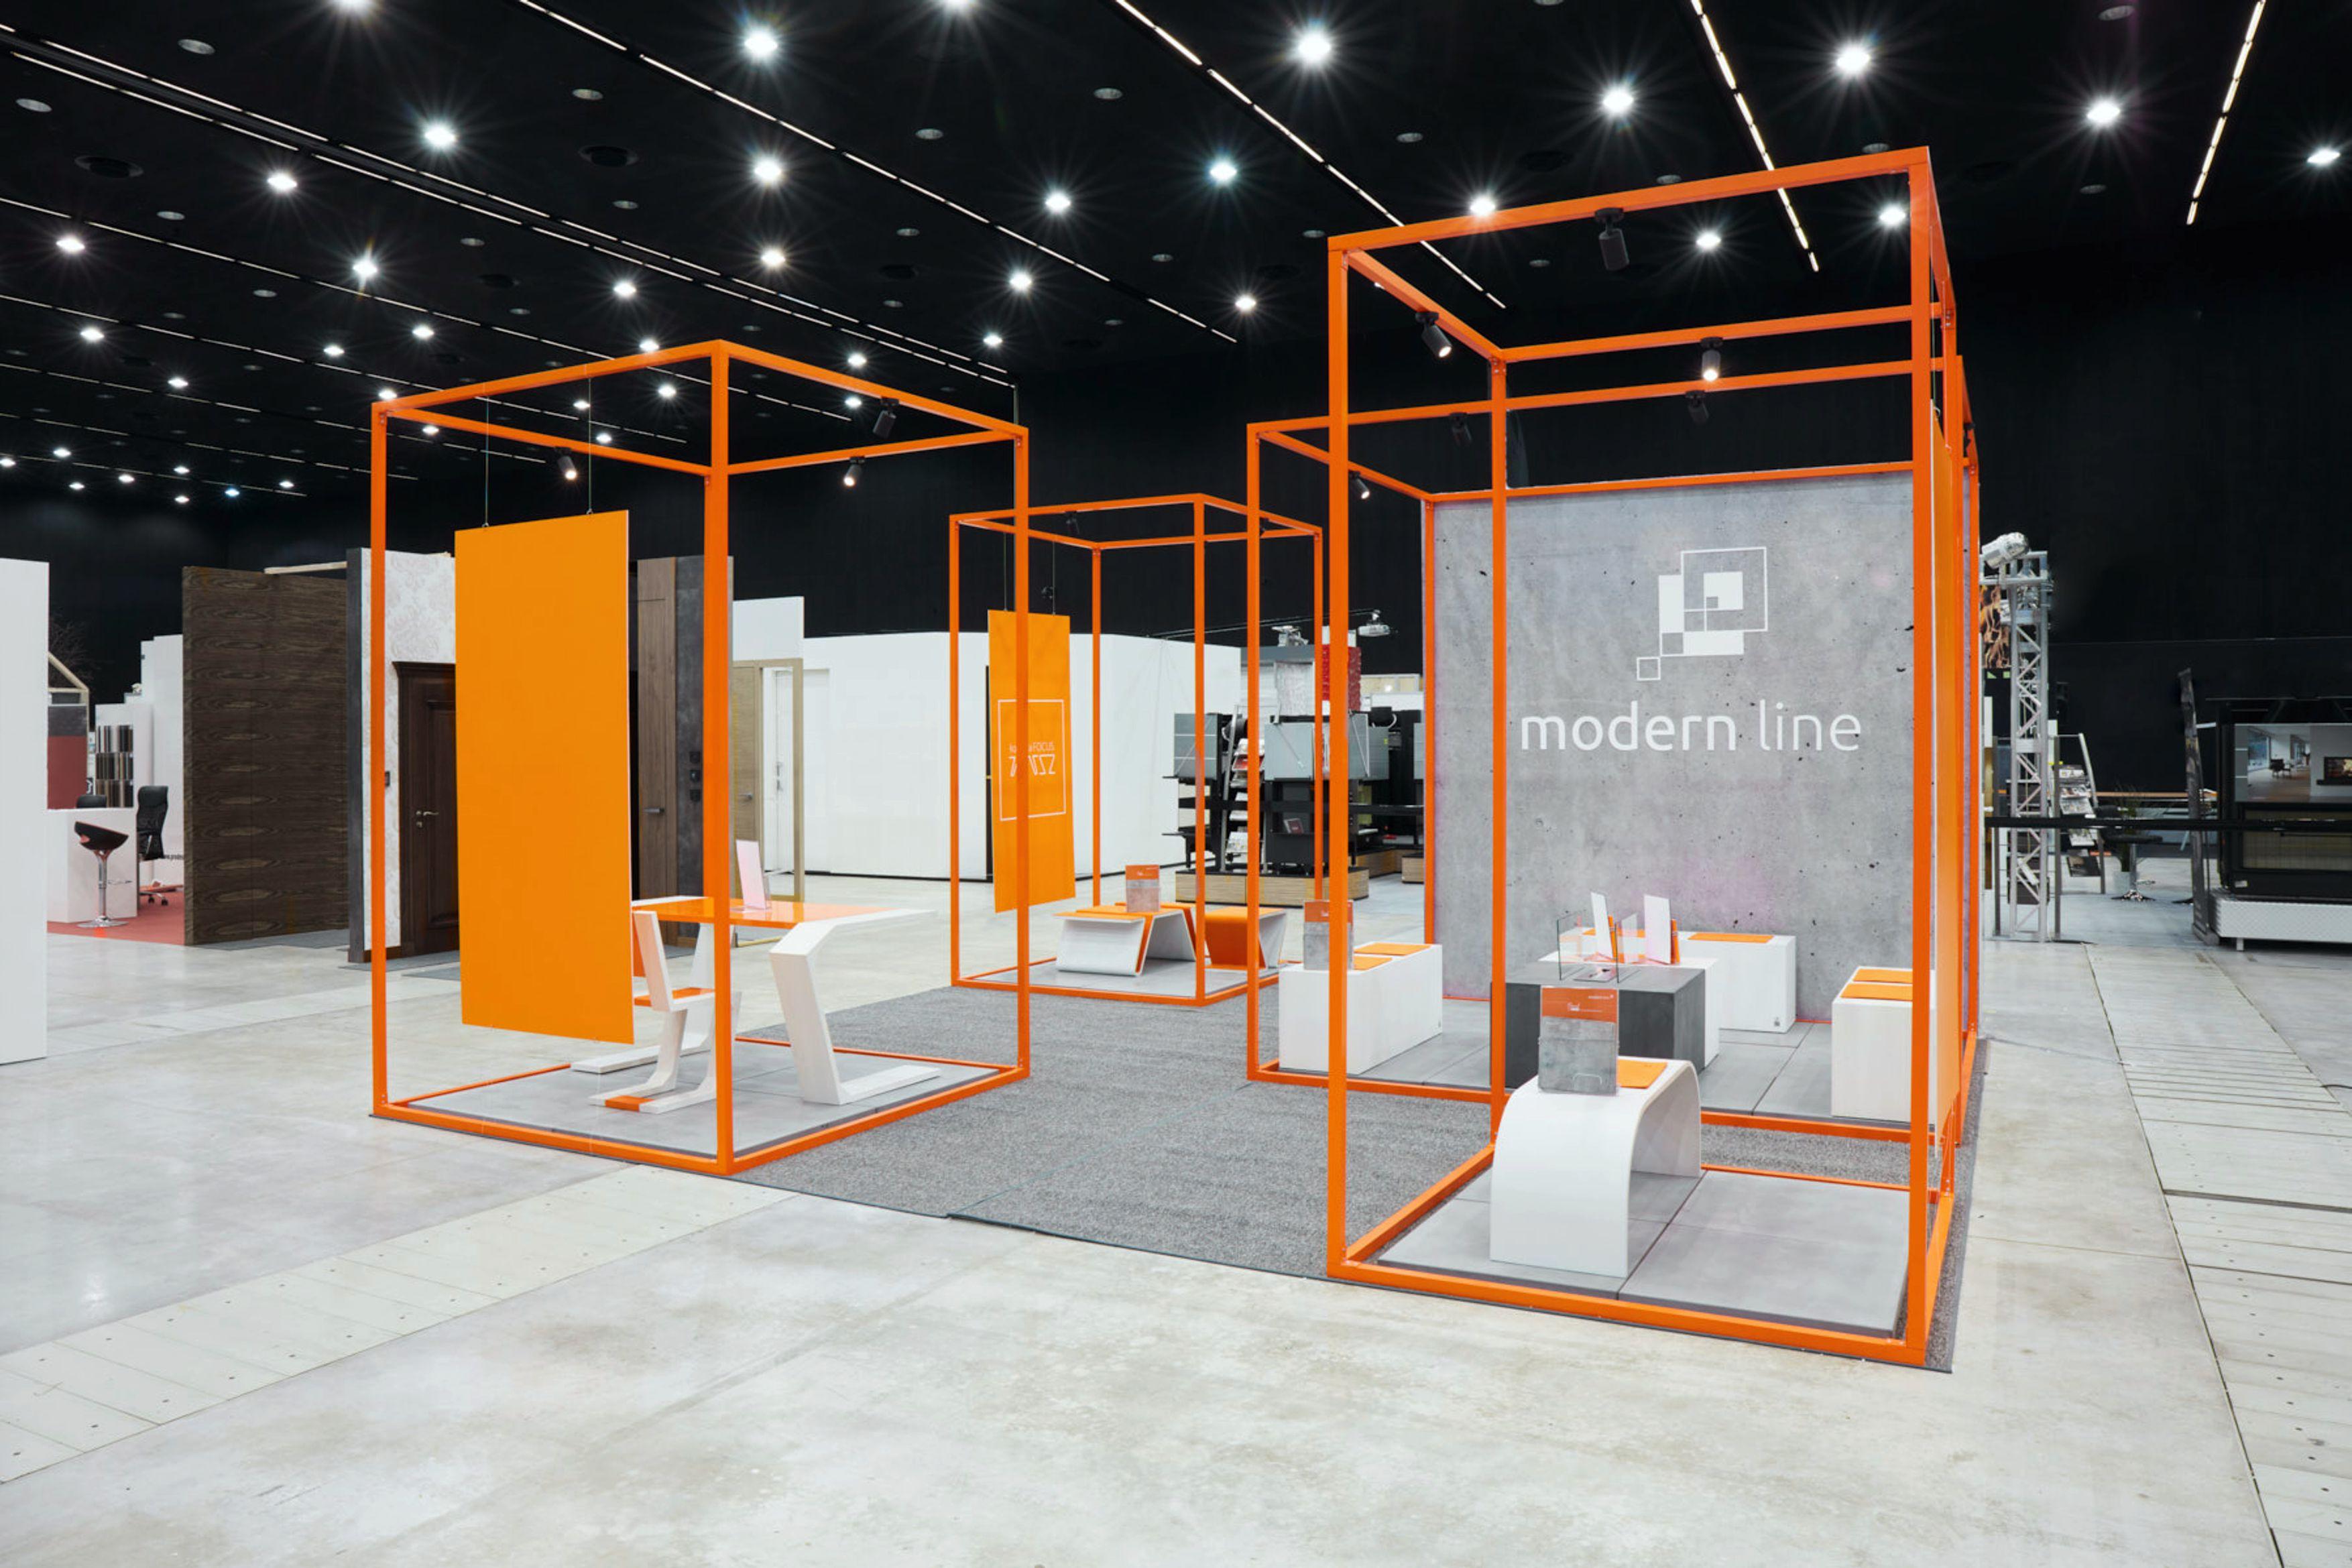 Kolekcja limitowana Modern Line